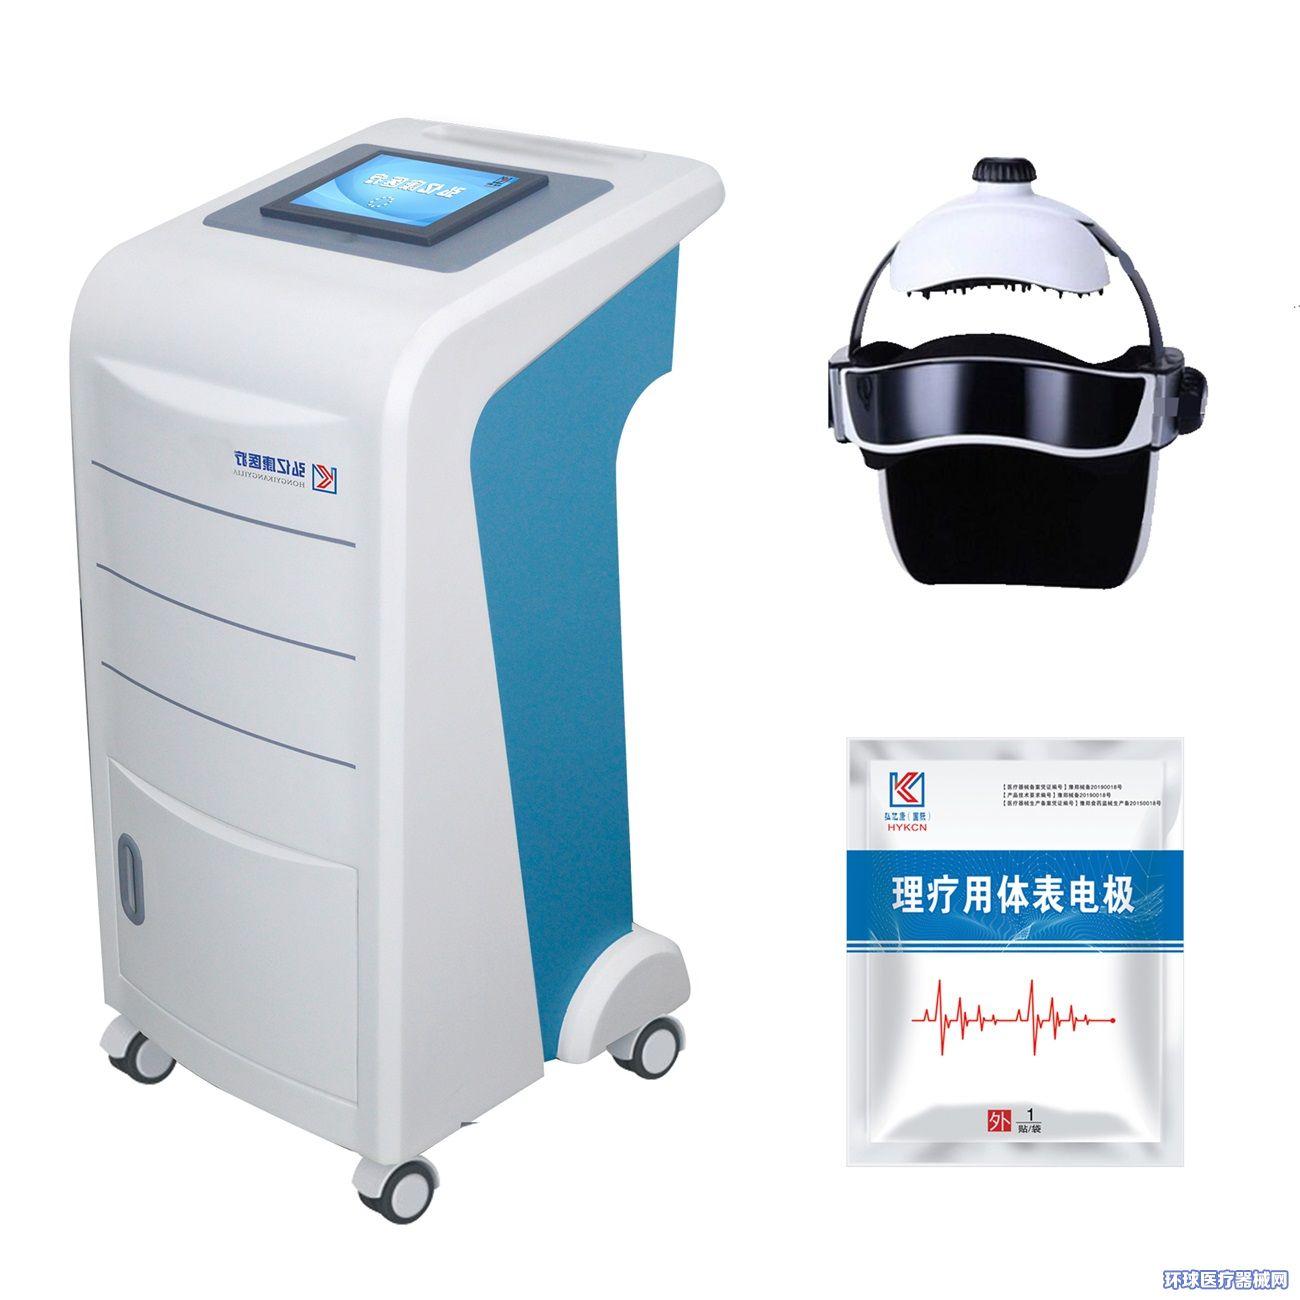 经颅磁(脑循环)刺激治疗仪